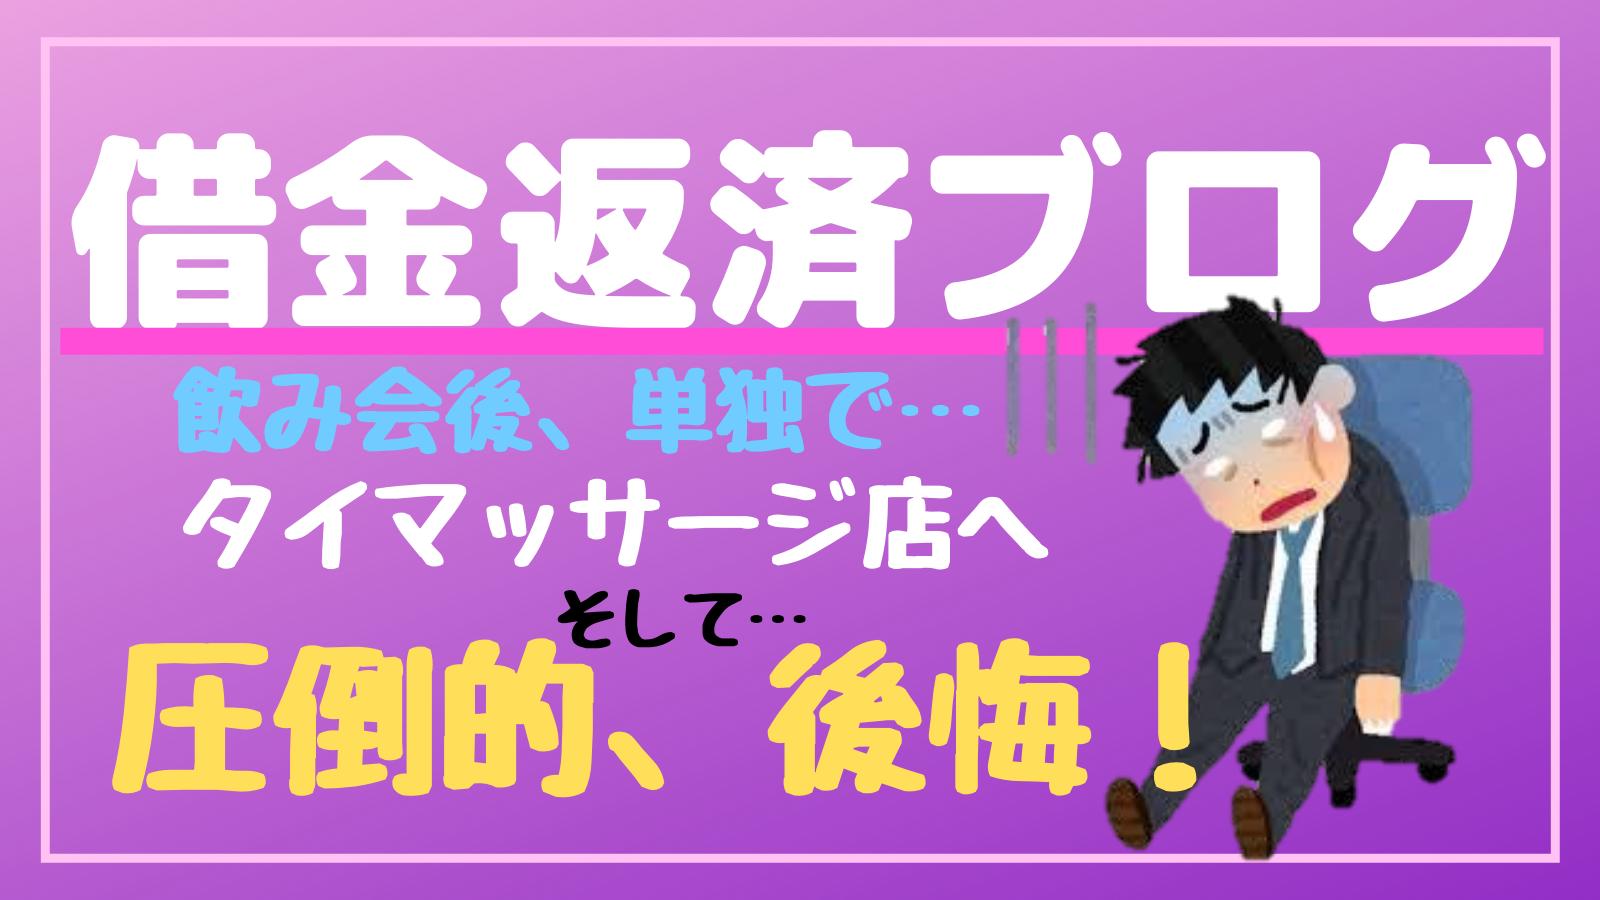 タイマッサージ店で2万円の豪遊